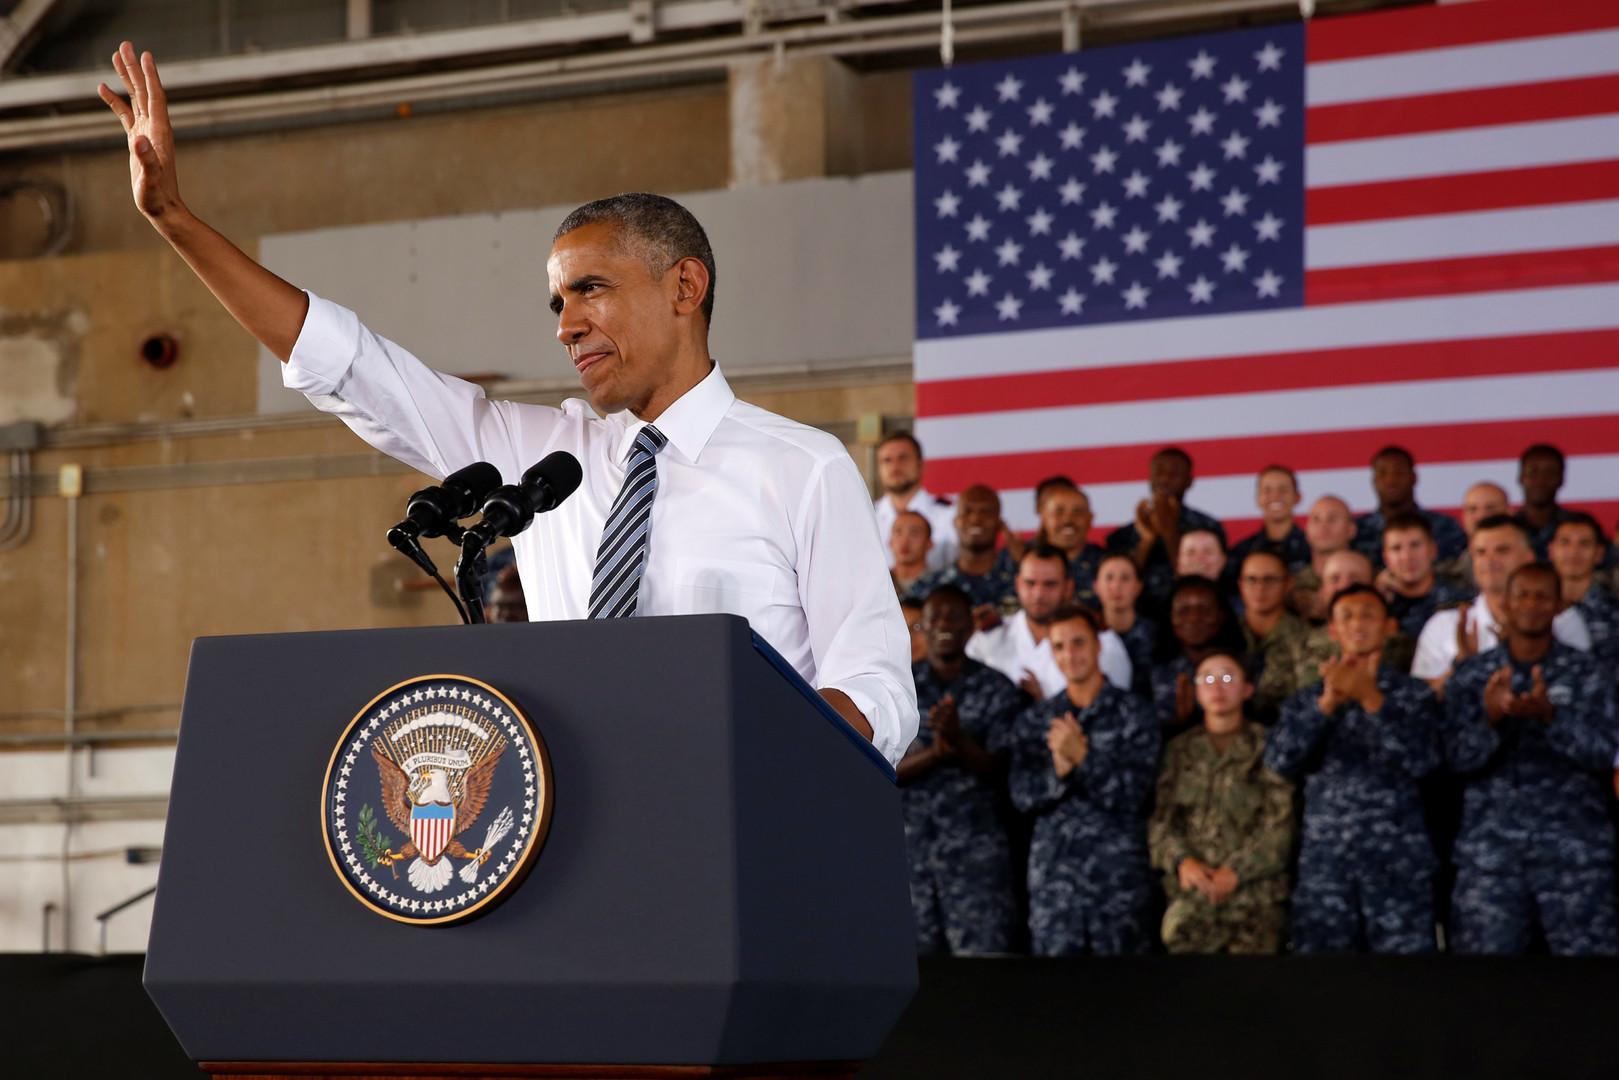 СМИ сообщили о желании Барака Обамы предложить России продление договора СНВ-3